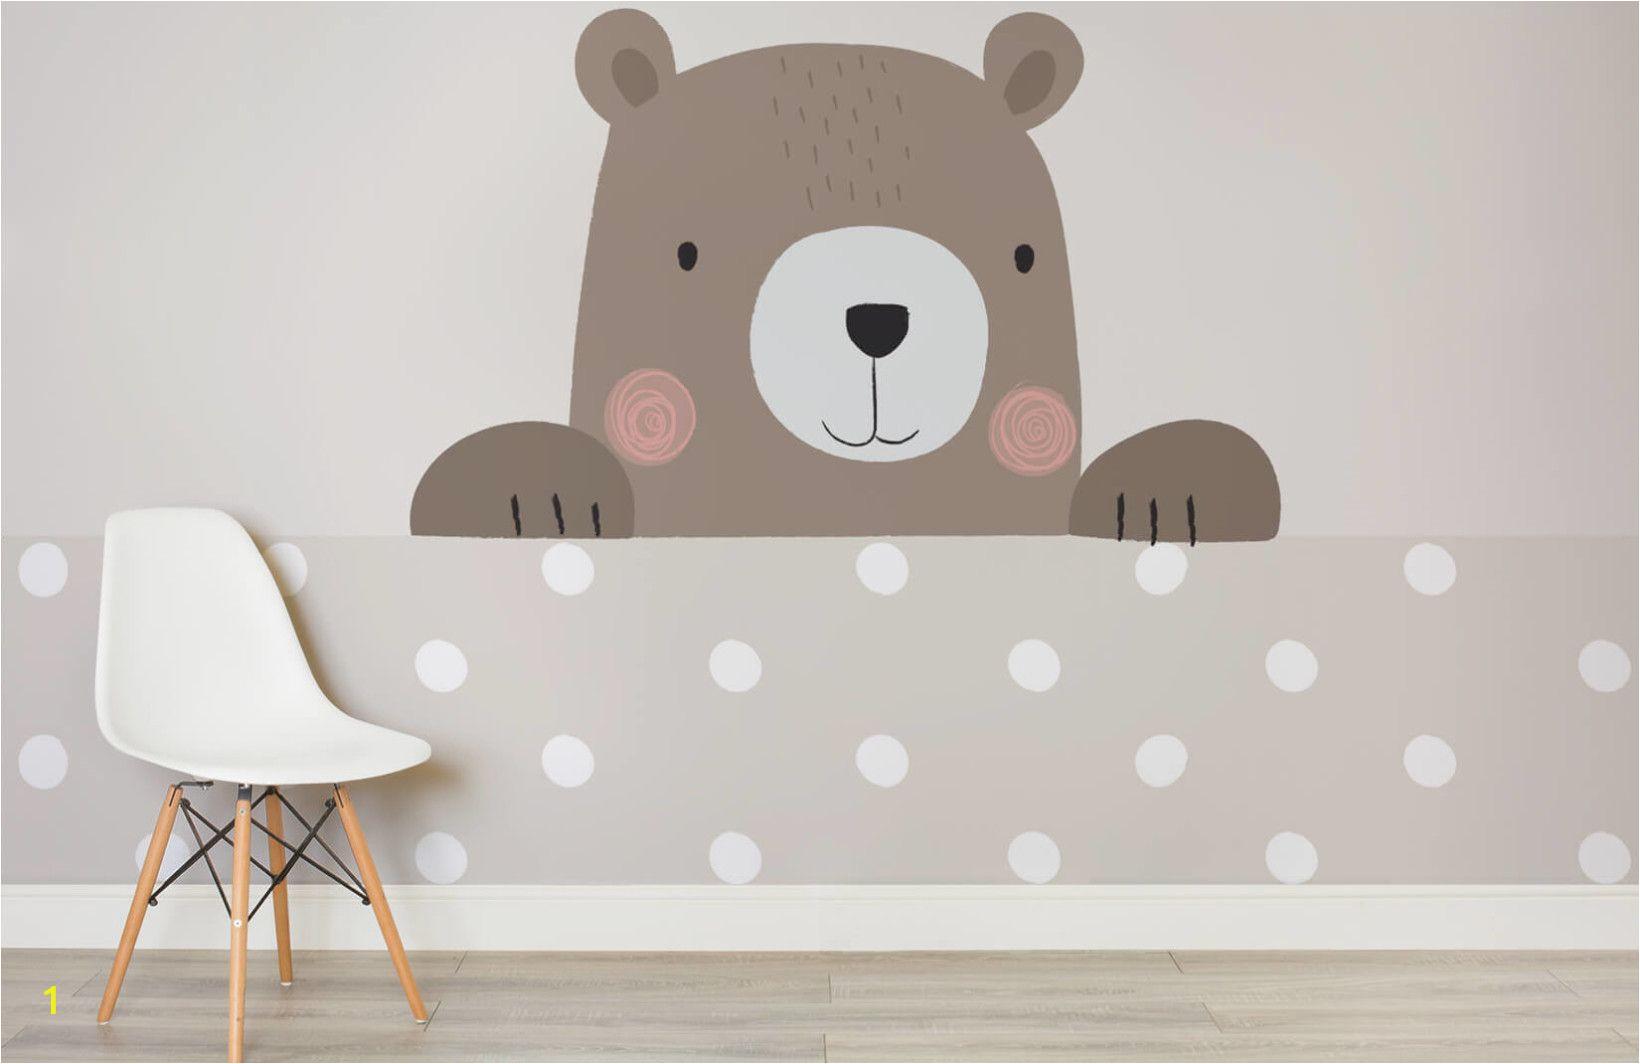 Teddy Bear Wall Mural Cute Cartoon Bear Wallpaper